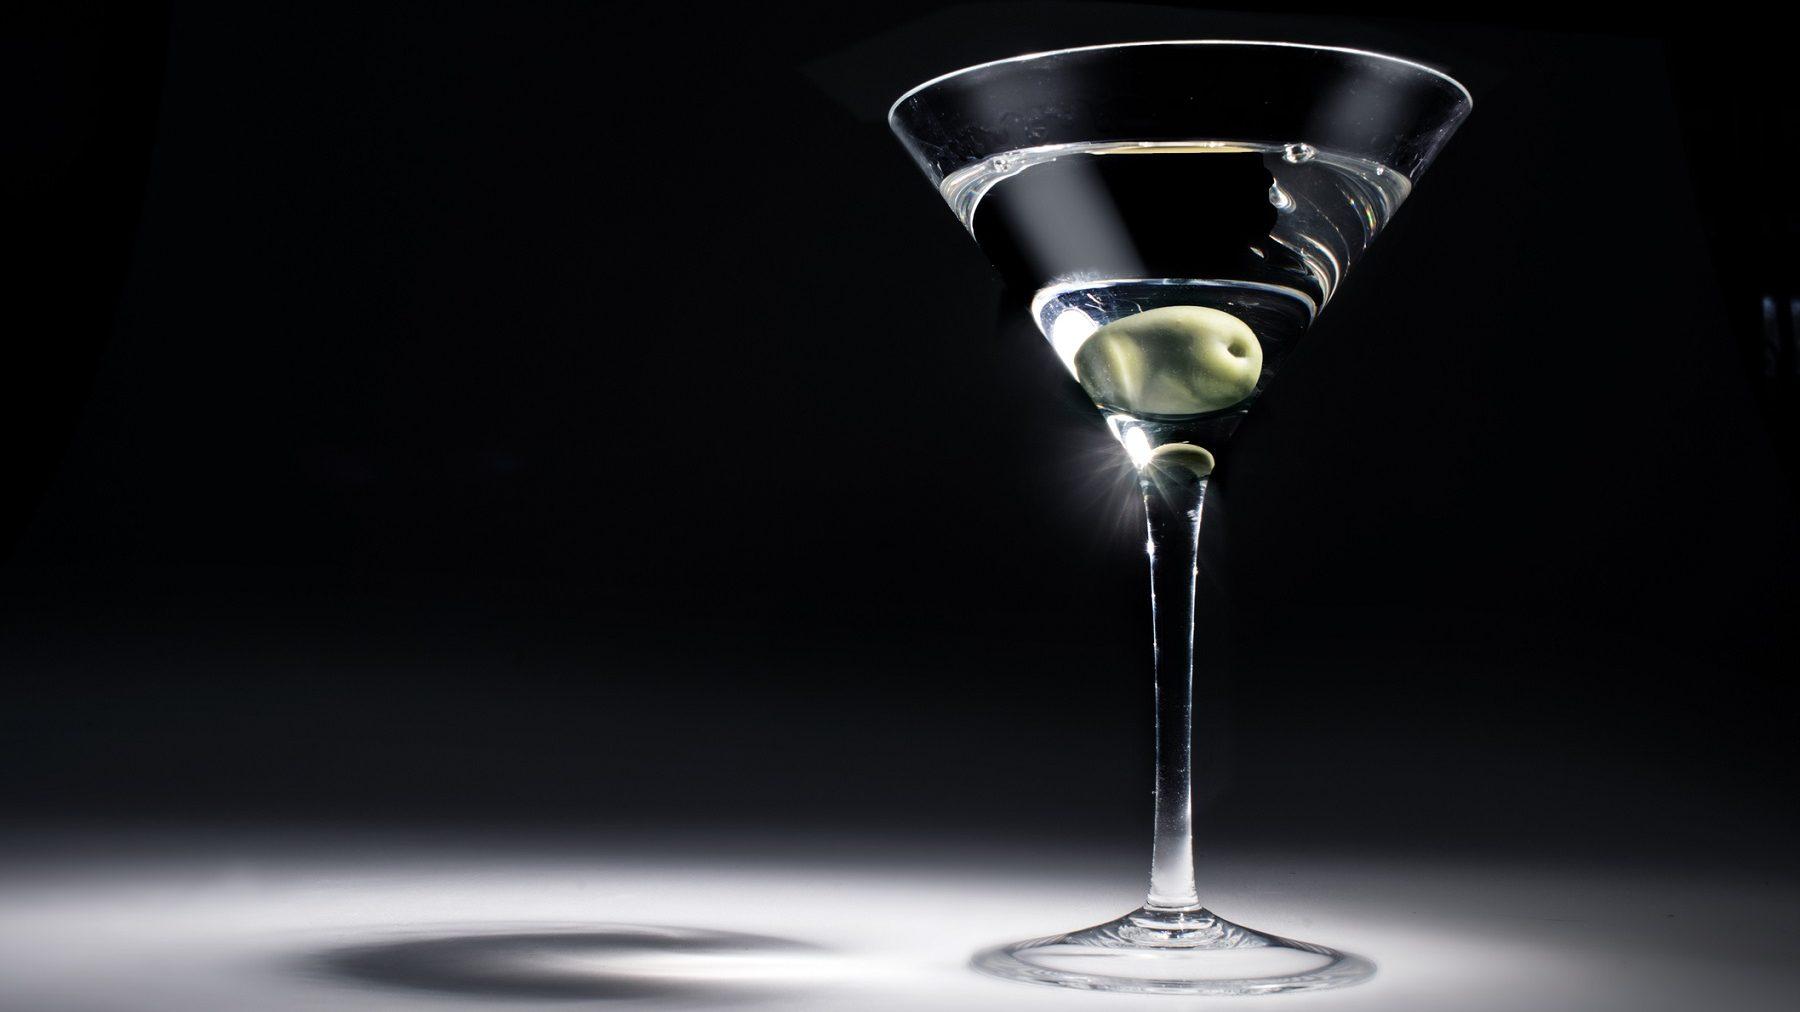 James Bonds Martini mit einer Olive in einem Martiniglas. Das Glas wird aus einer Richtung stark beleuchtet, der Hintergrund und Boden sind dunkel.